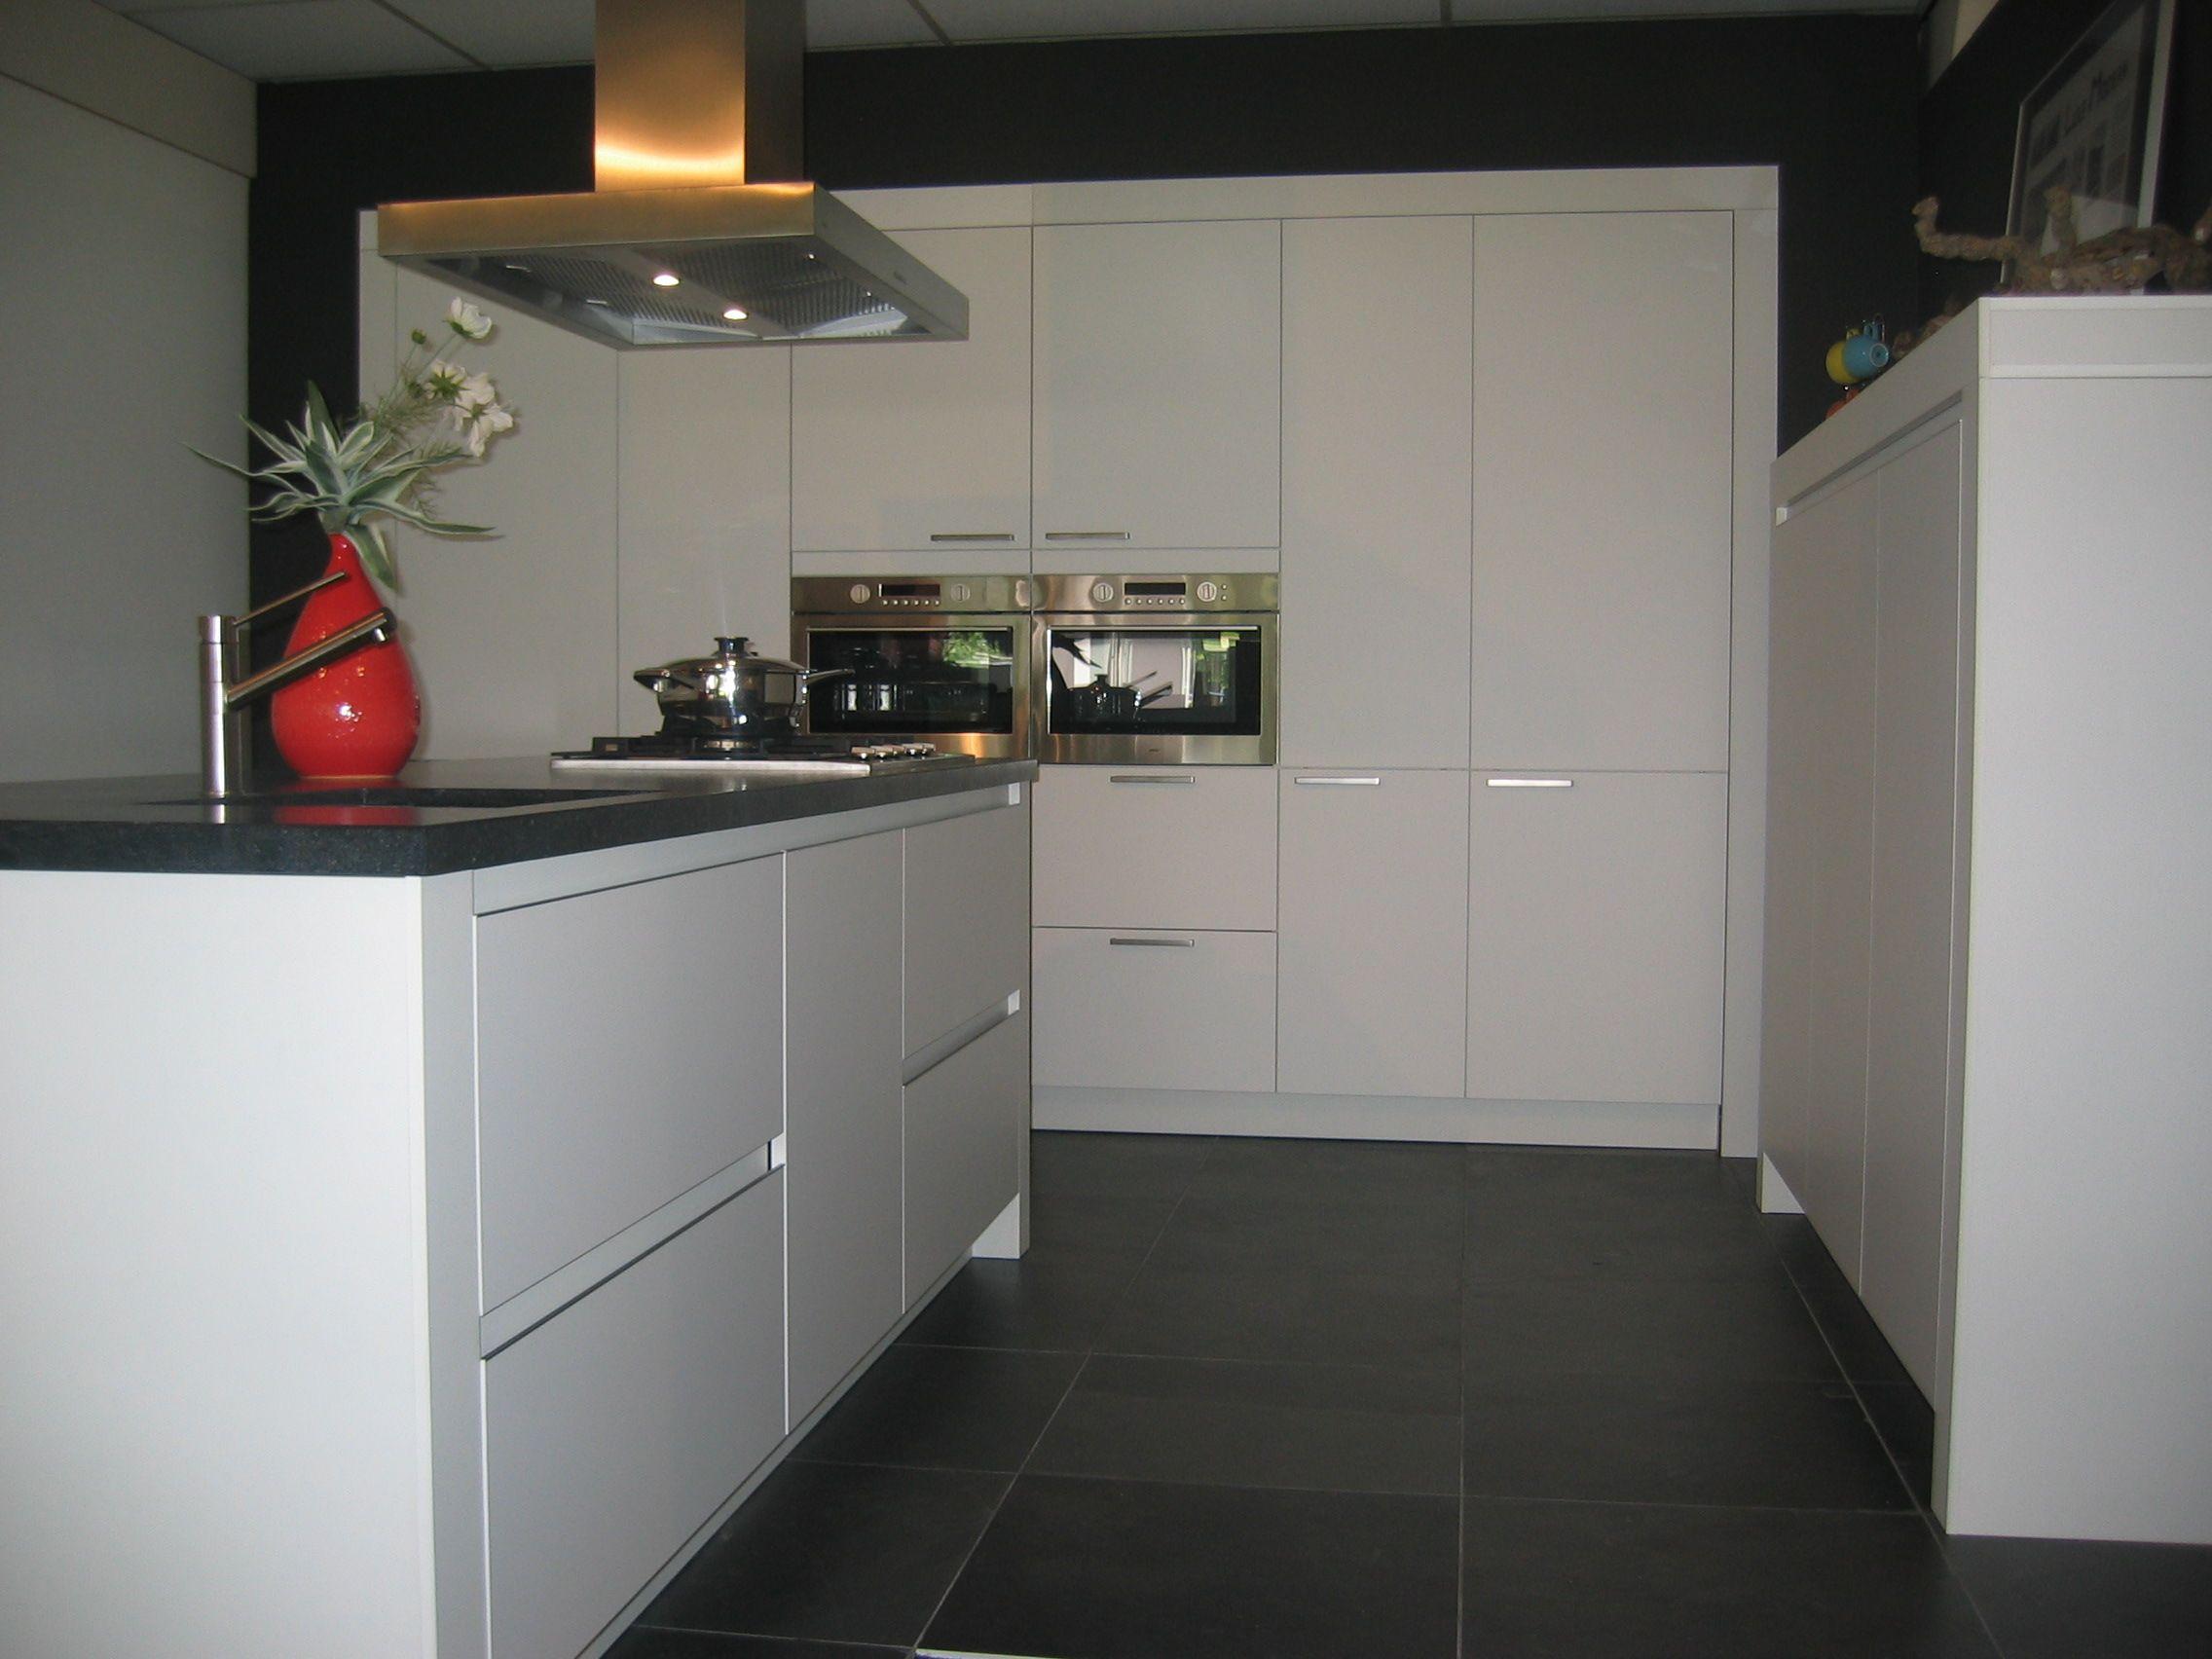 Keuken houten werkblad wit ecosia